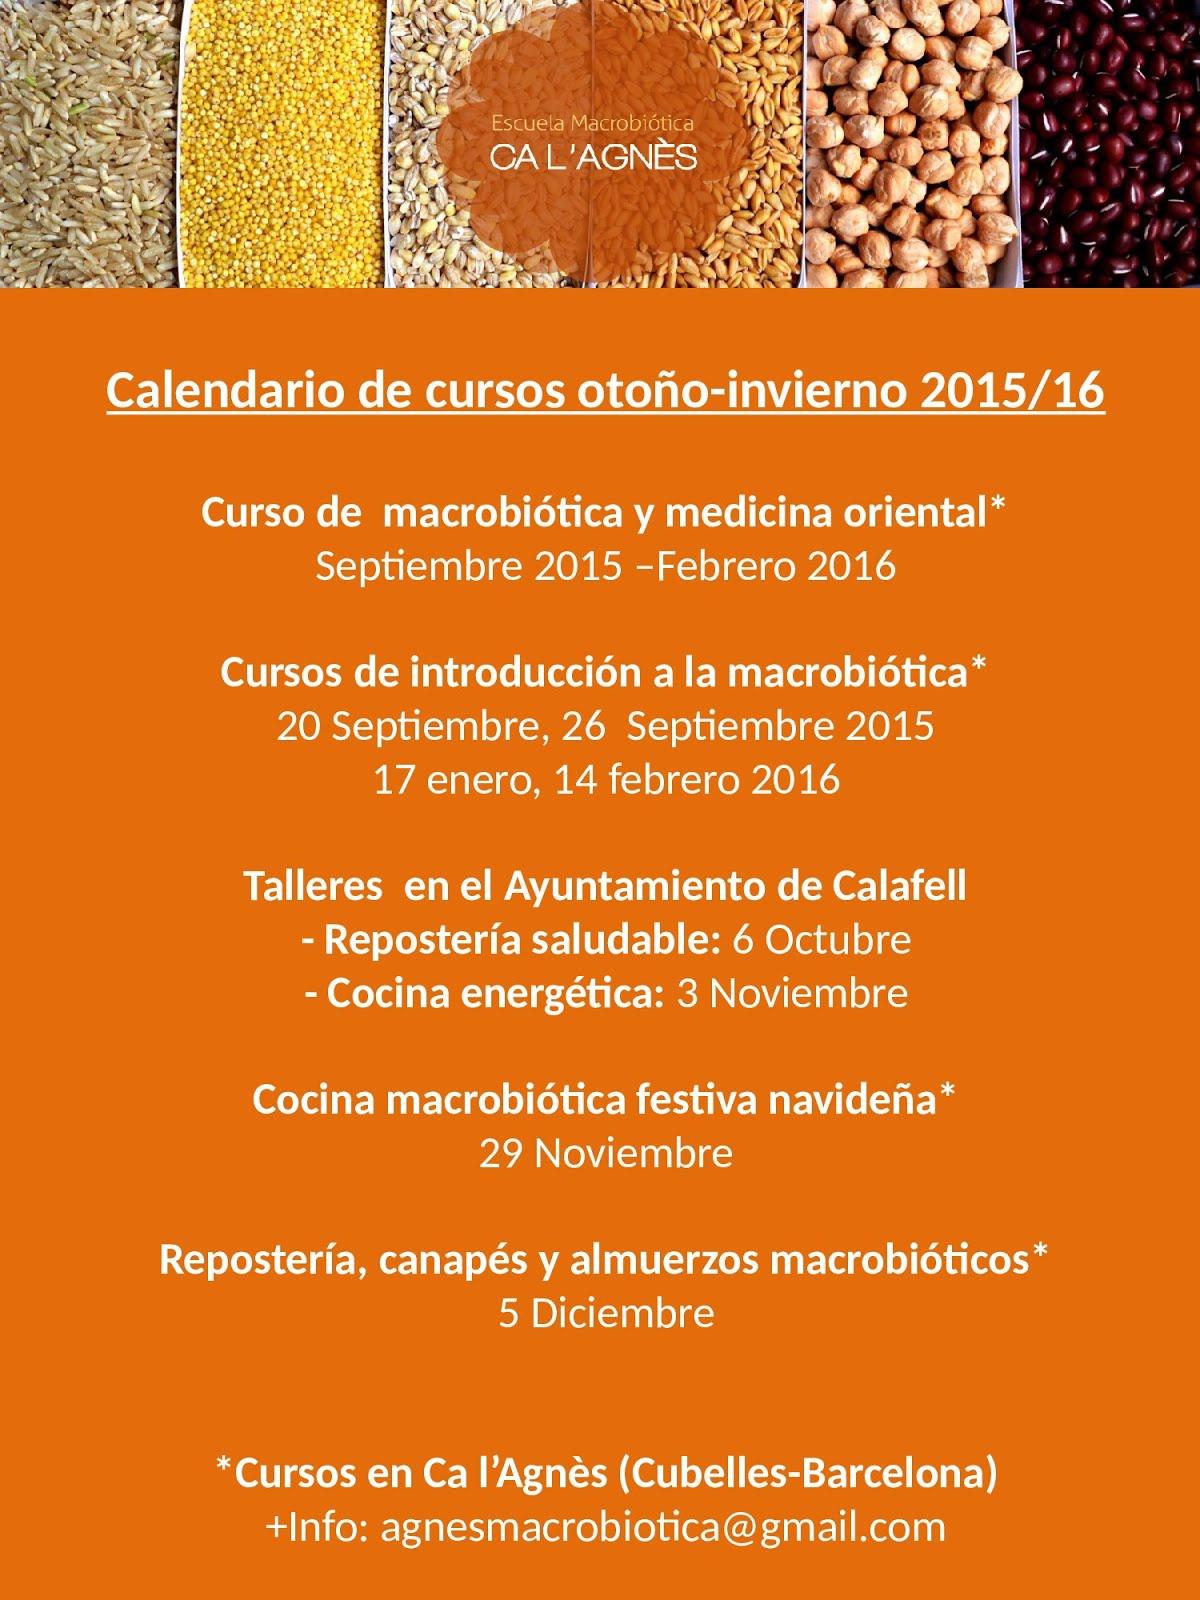 CALENDARIO DE CURSOS OTOÑO-INVIERNO 2015/16